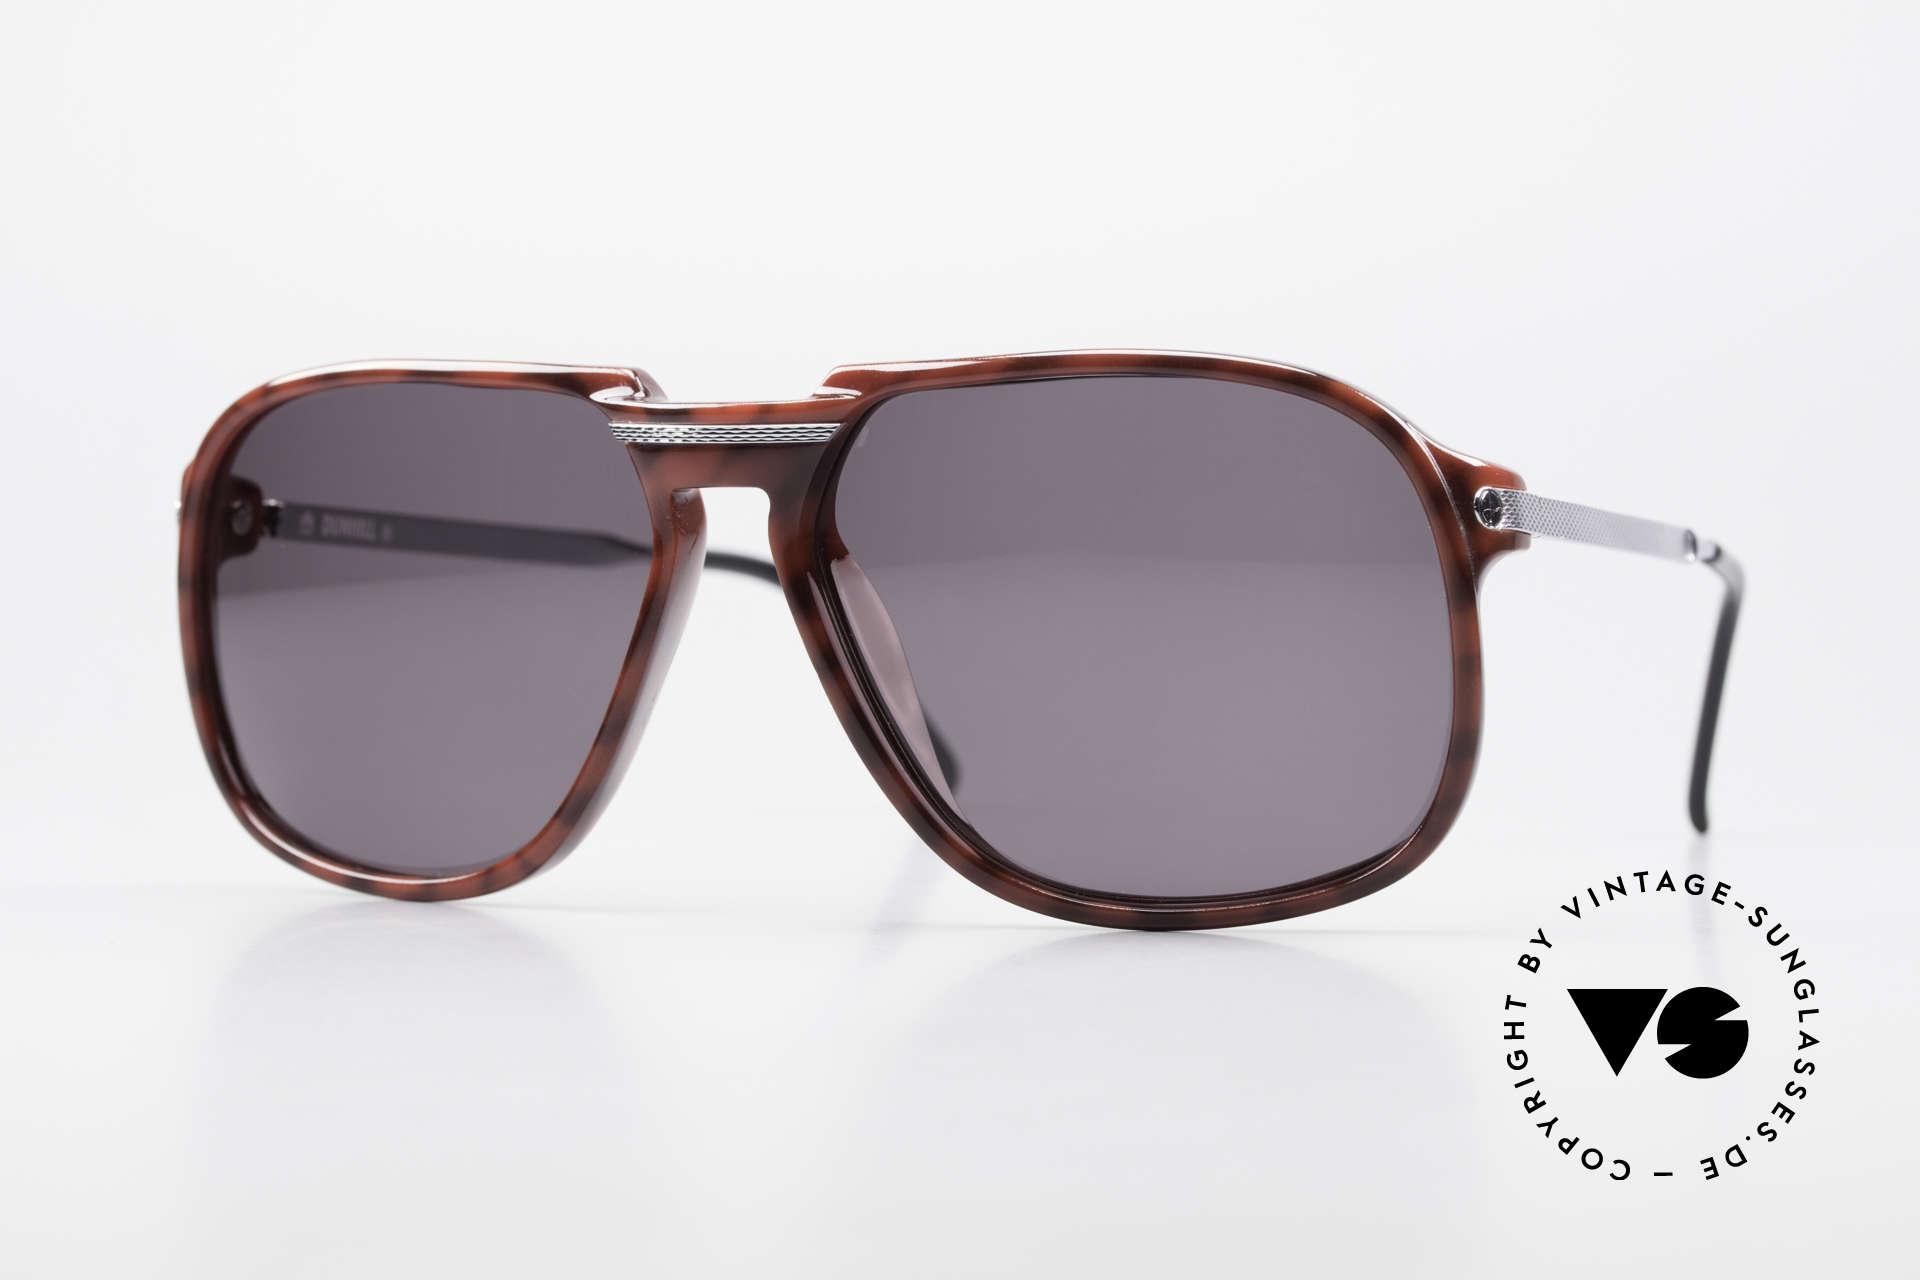 Dunhill 6005 Alte Herrensonnenbrille 1984, echte, alte Dunhill Herren-Sonnenbrille von 1984, Passend für Herren